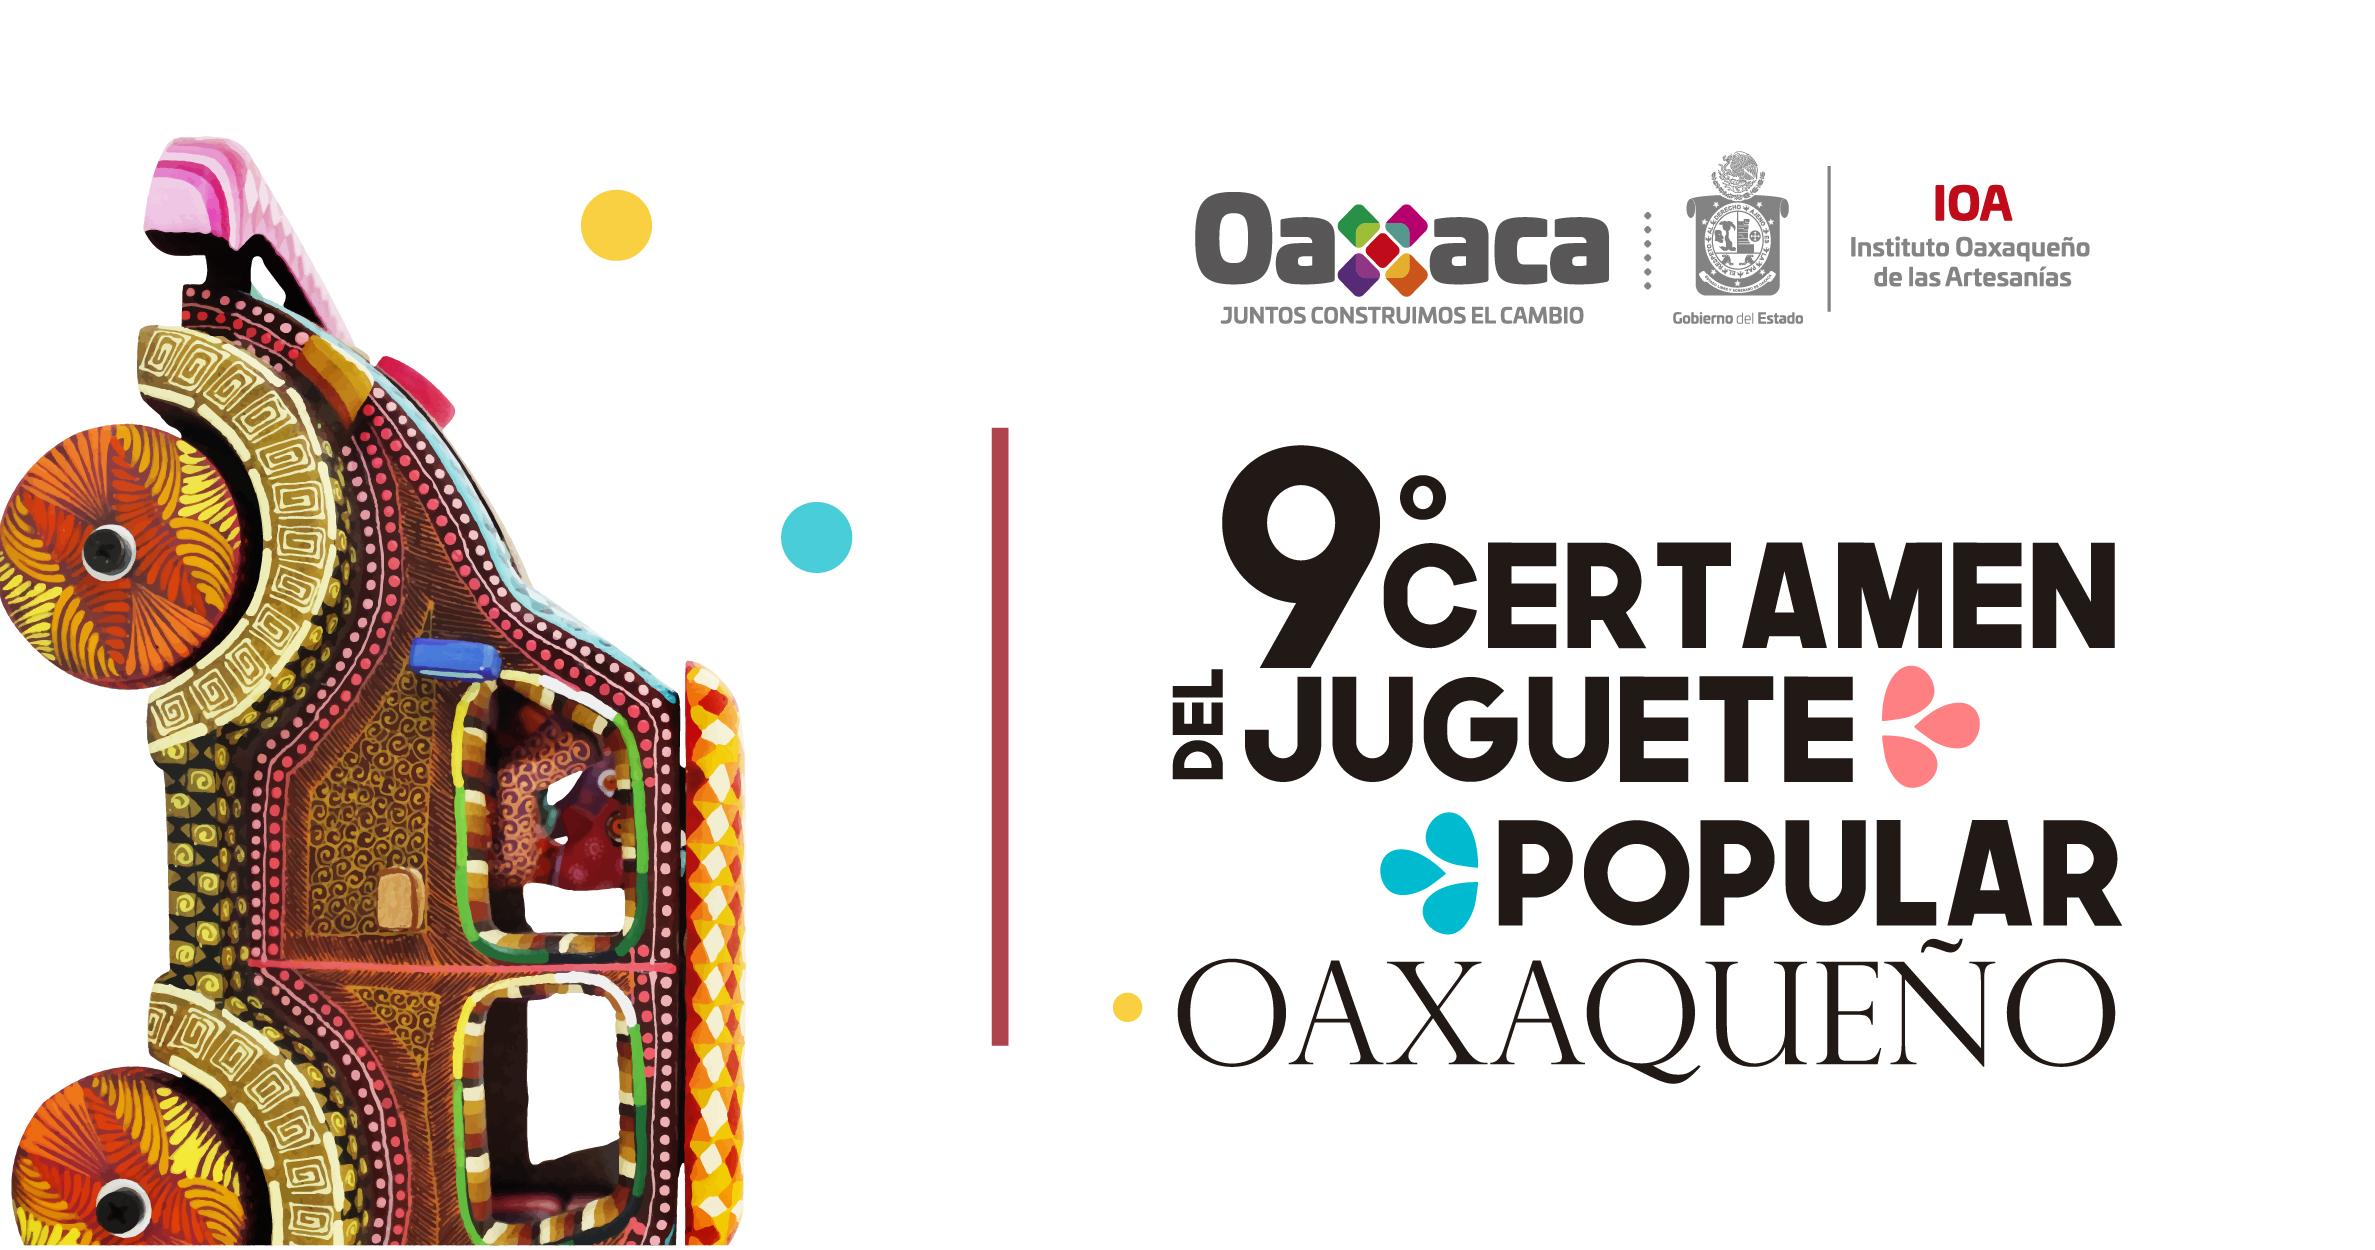 Noveno Certamen del Juguete Popular Oaxaqueño 2020